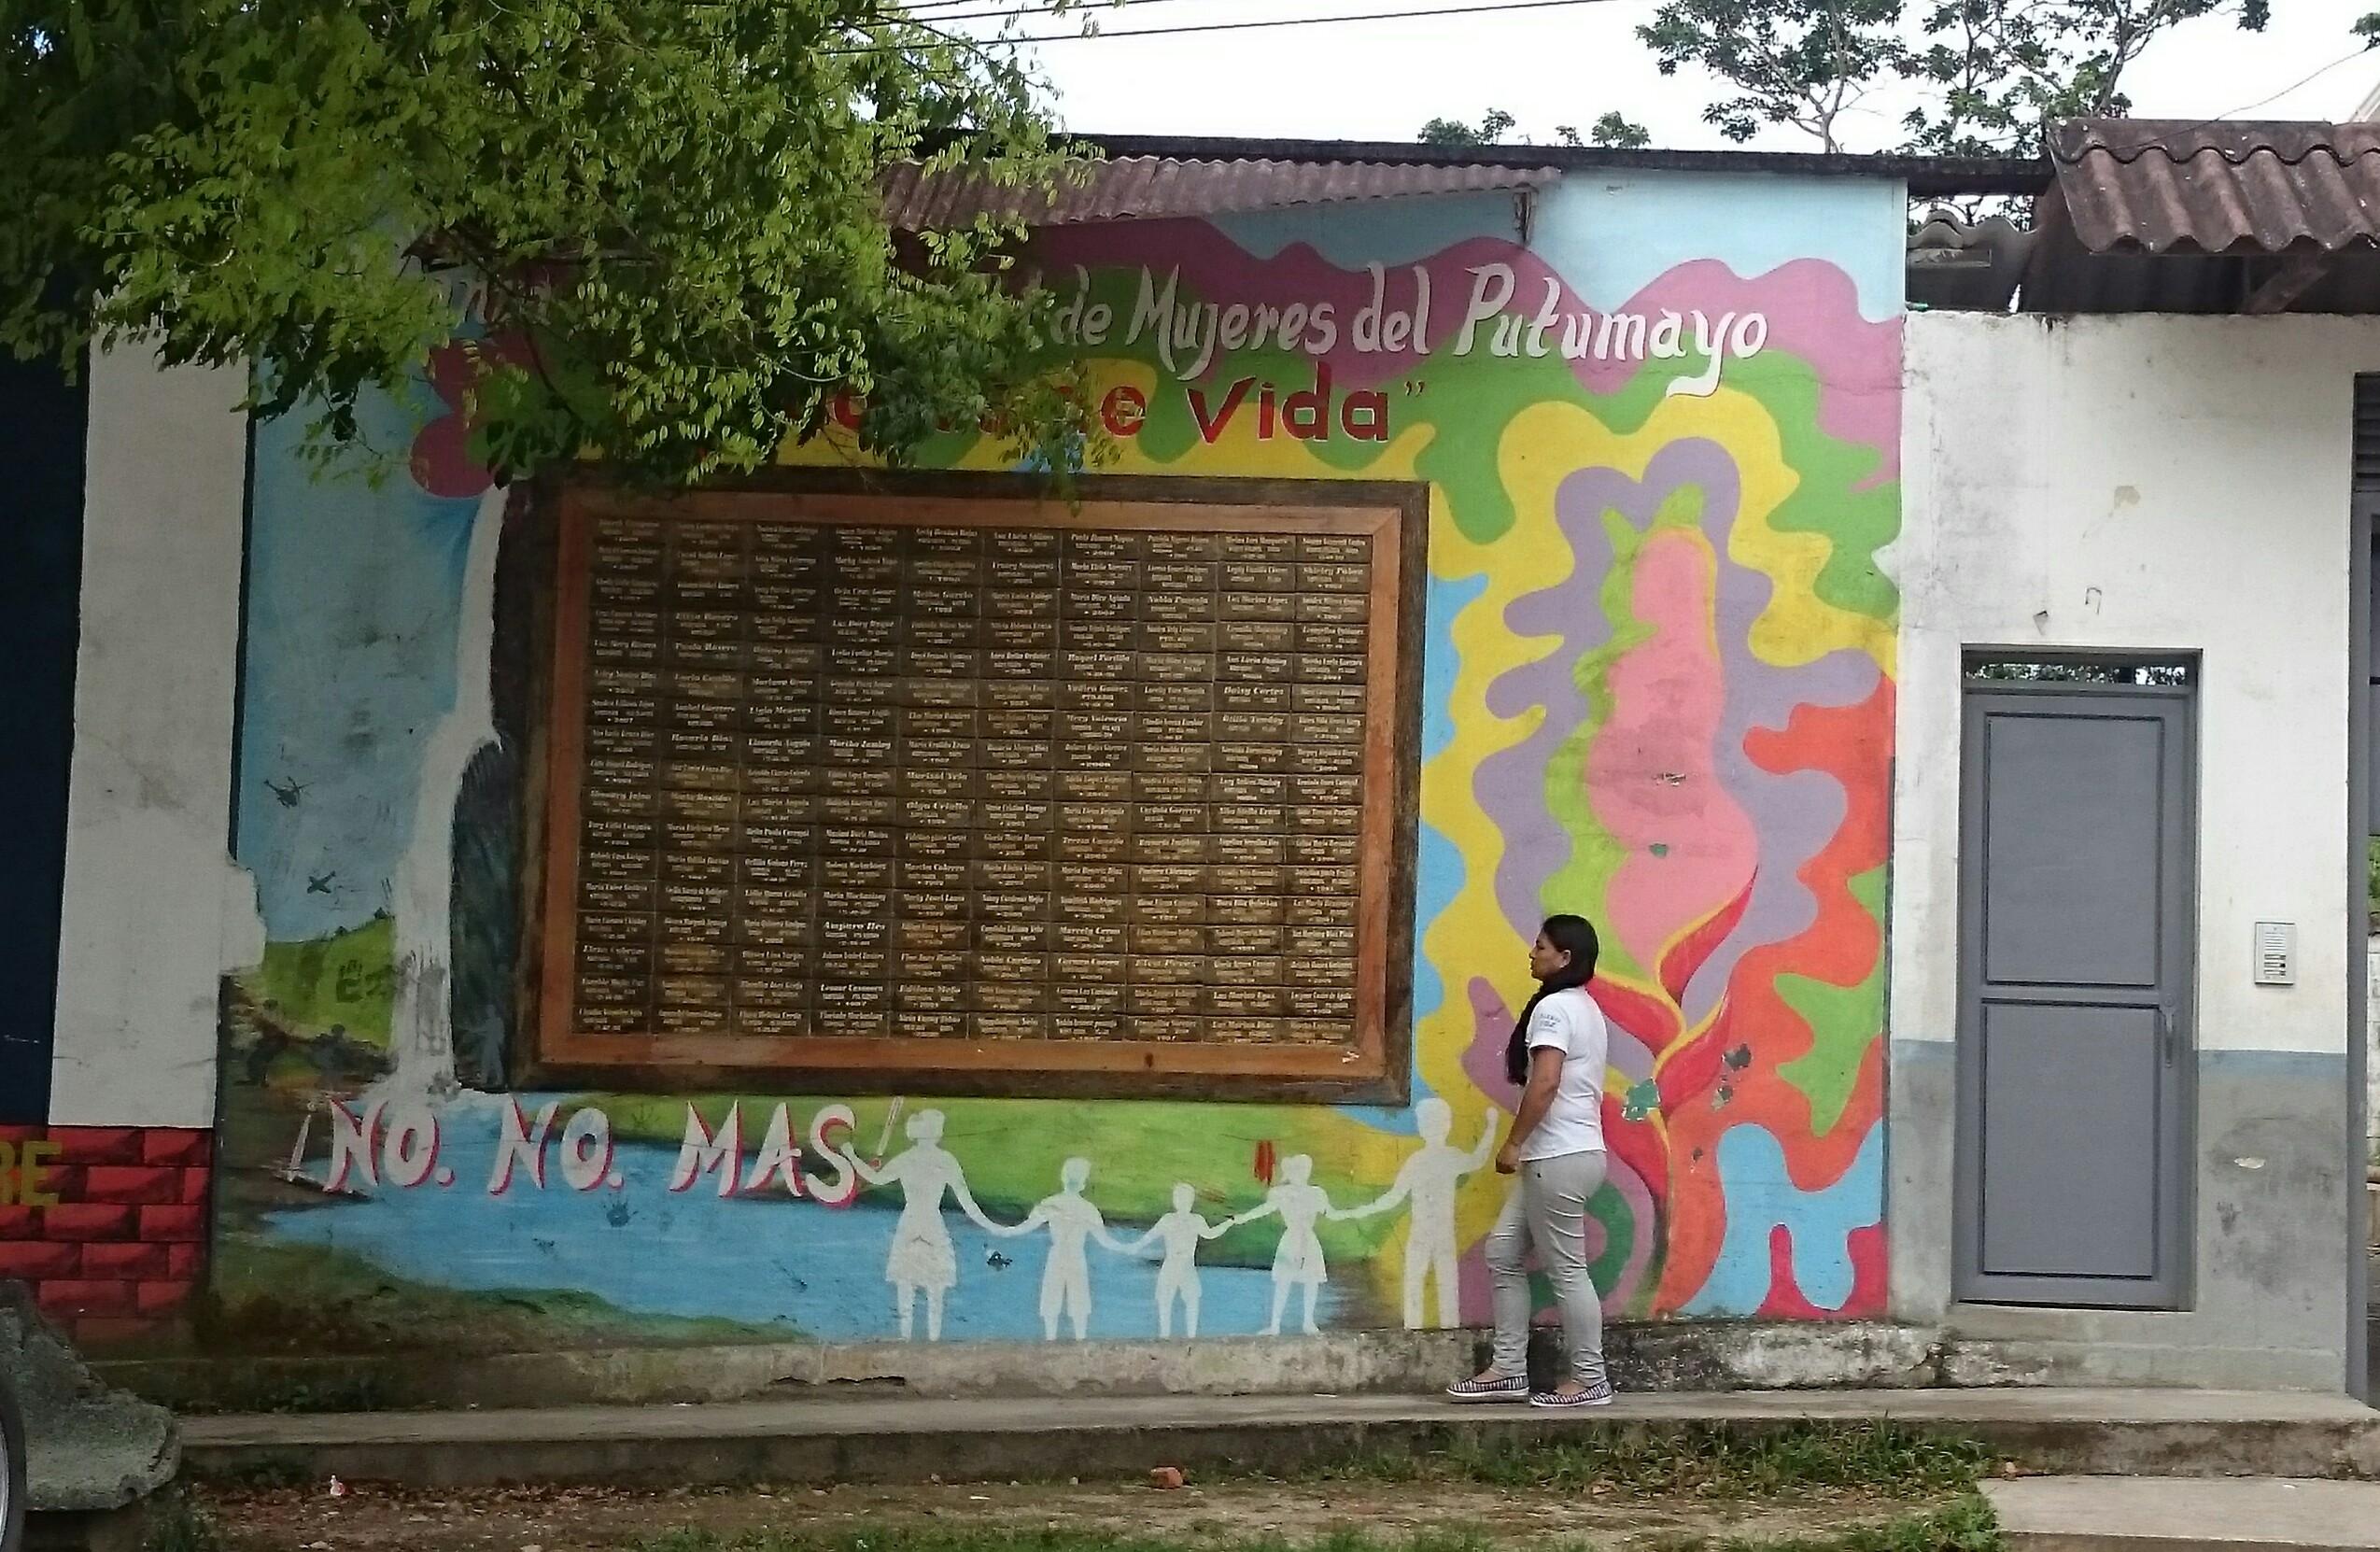 Mujeres Tejedoras de Vida: Frauen, die das Leben weben - so heißt die Dachorganisation verschiedener Frauengruppen in Mocoa, Putumayo. Das Wandgemälde erinnert an ihre gewaltsam umgekommenen Toten